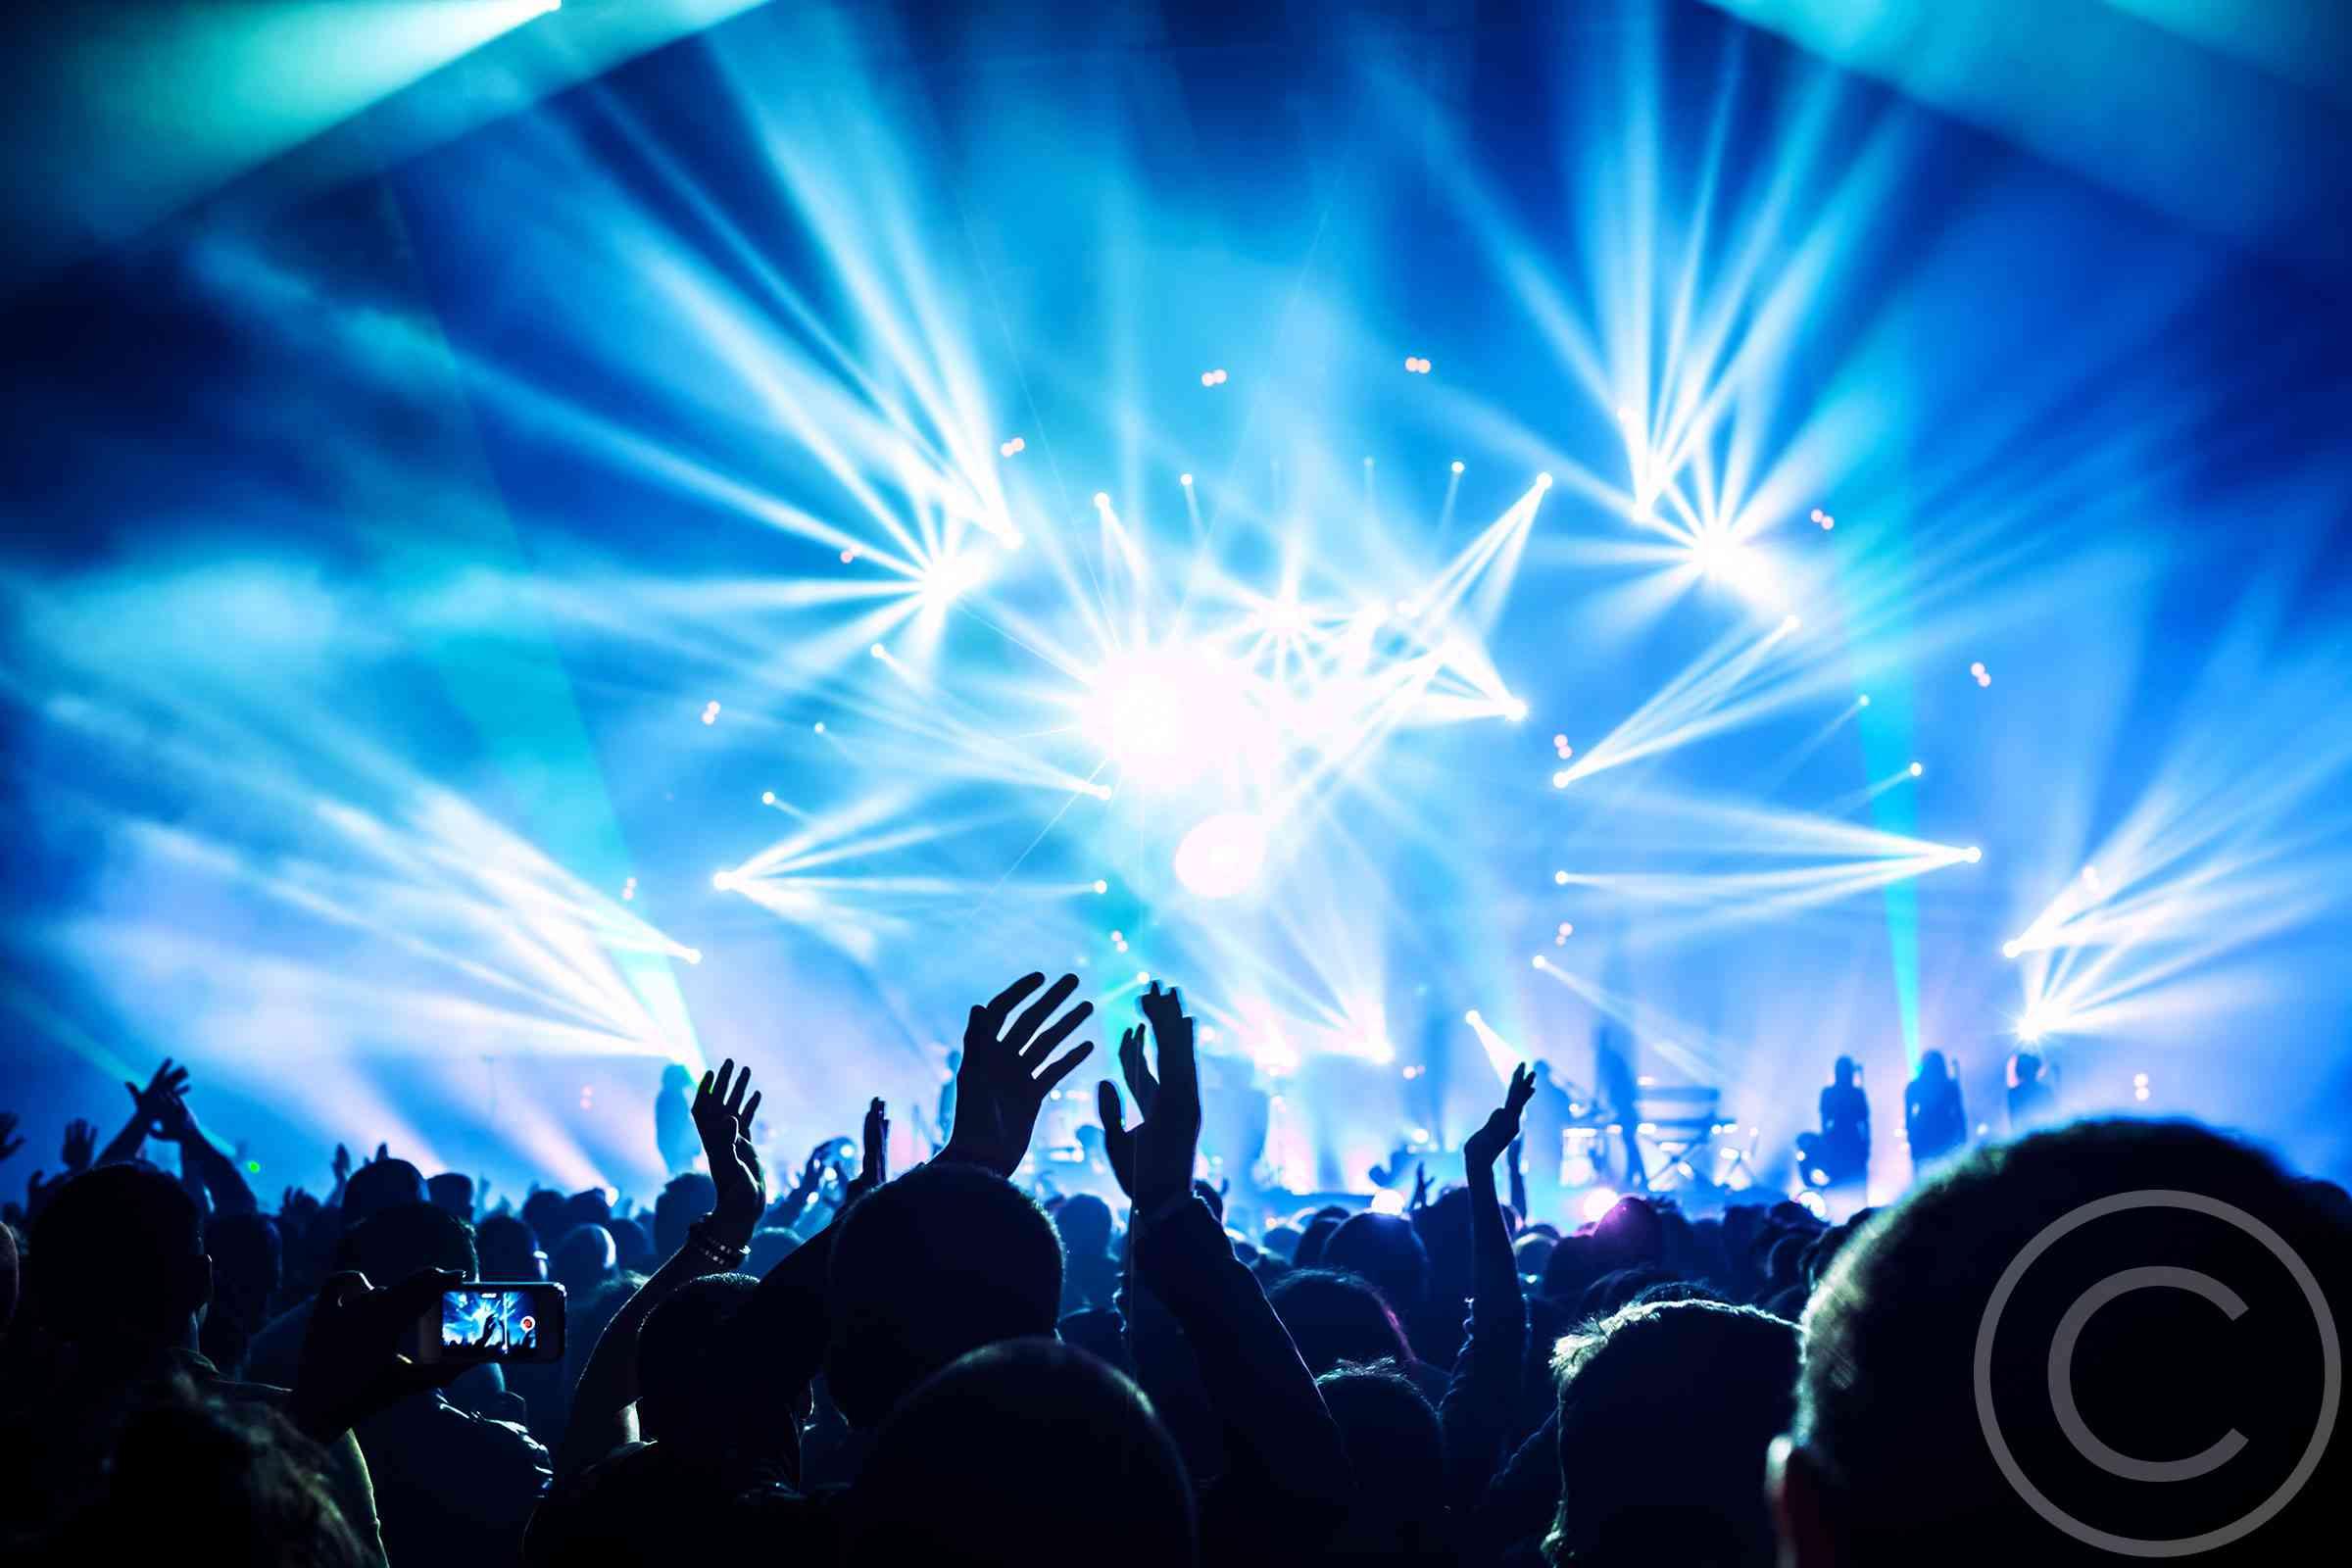 New 2017 Mix From DJ Rainflow!